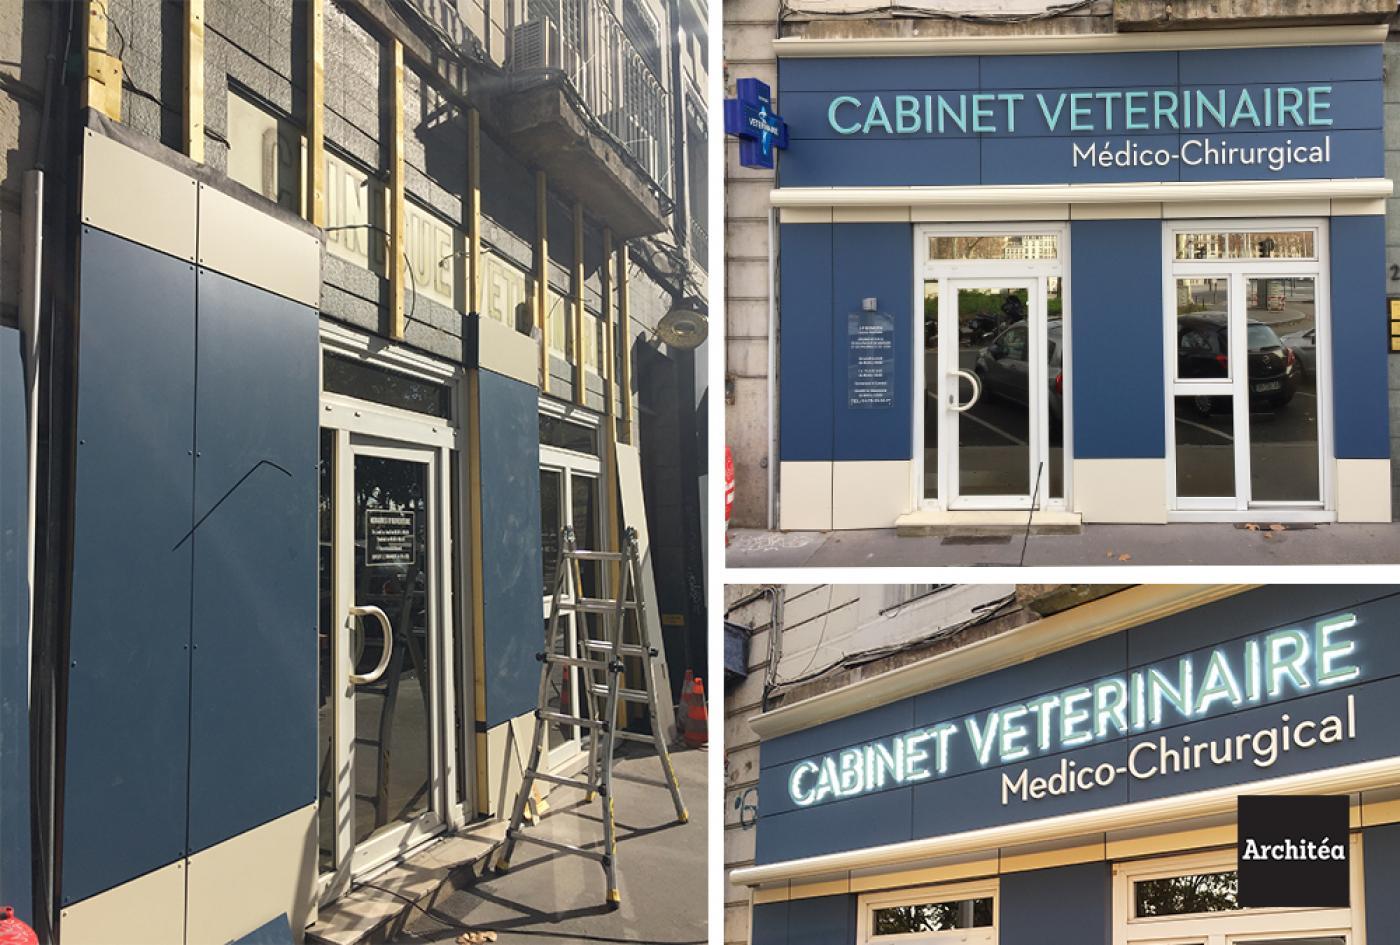 rénovation cabinet vétérinaire lyon